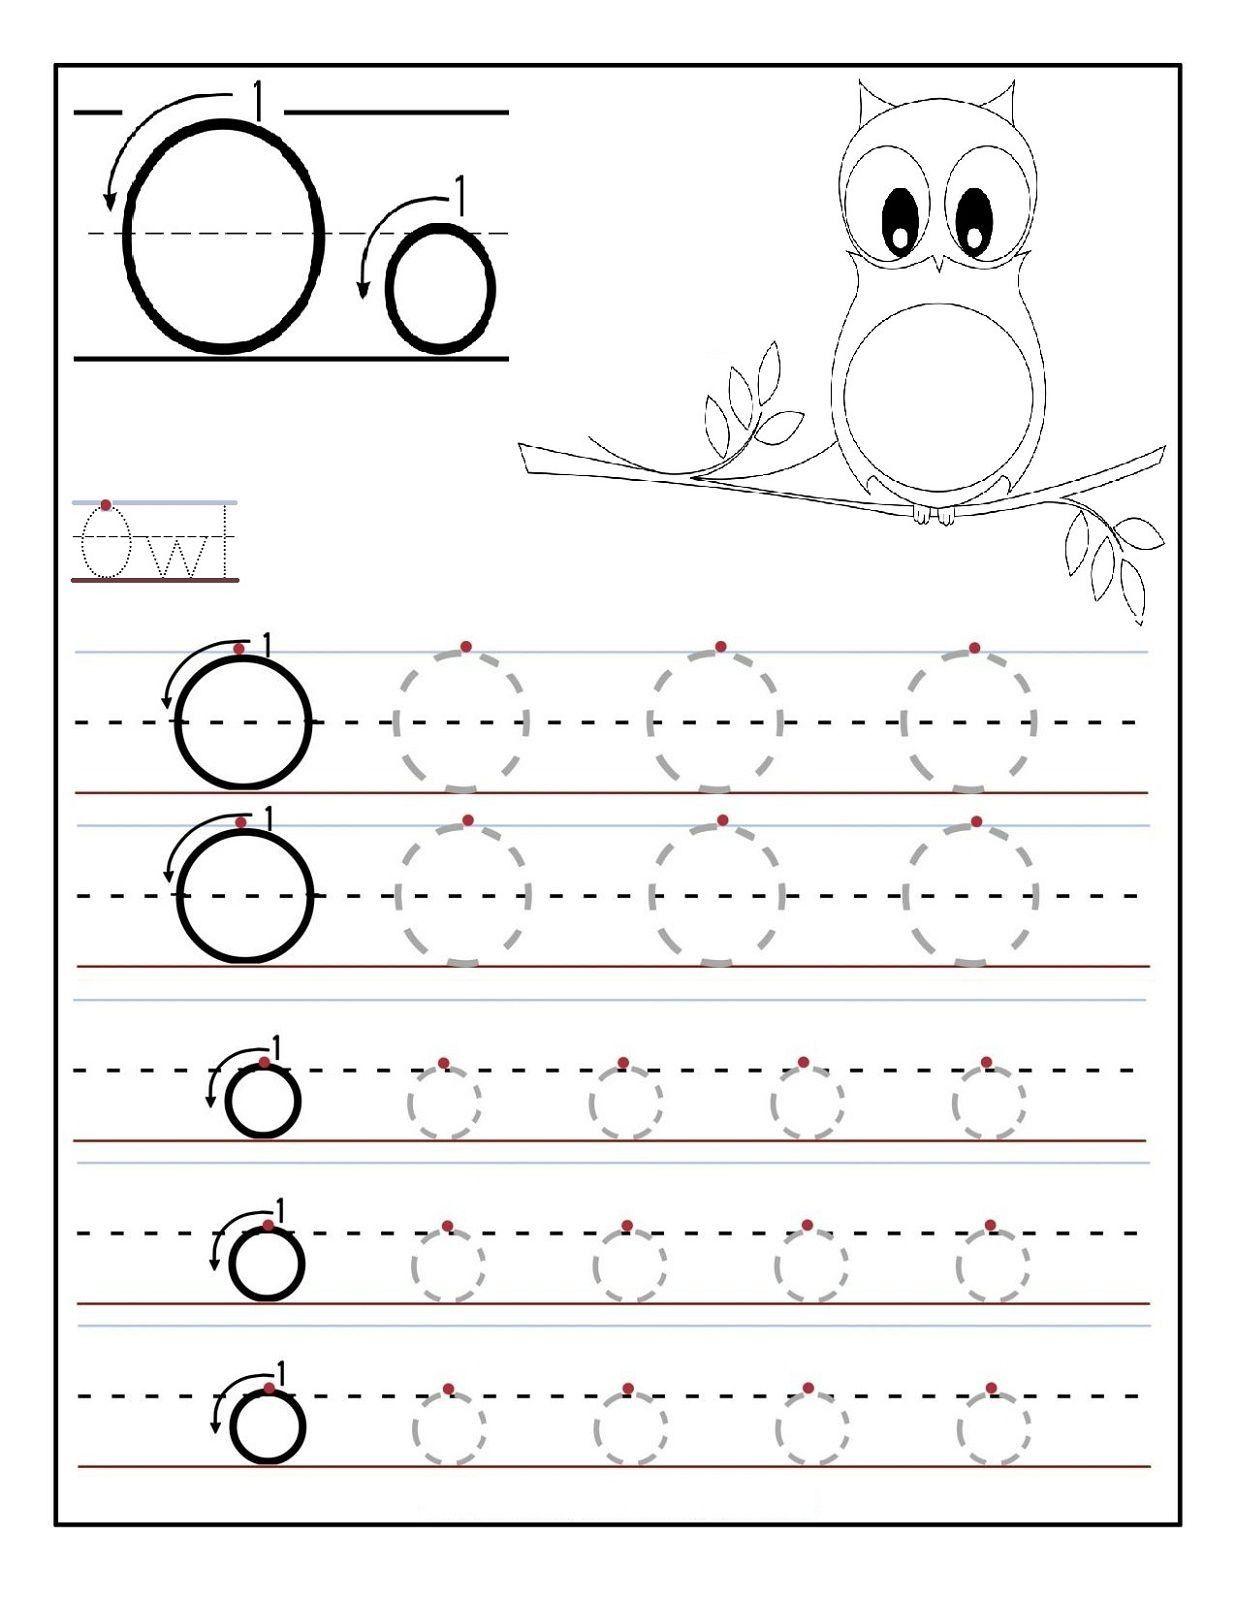 5 Preschool Letter U Tracing Worksheets Letter O